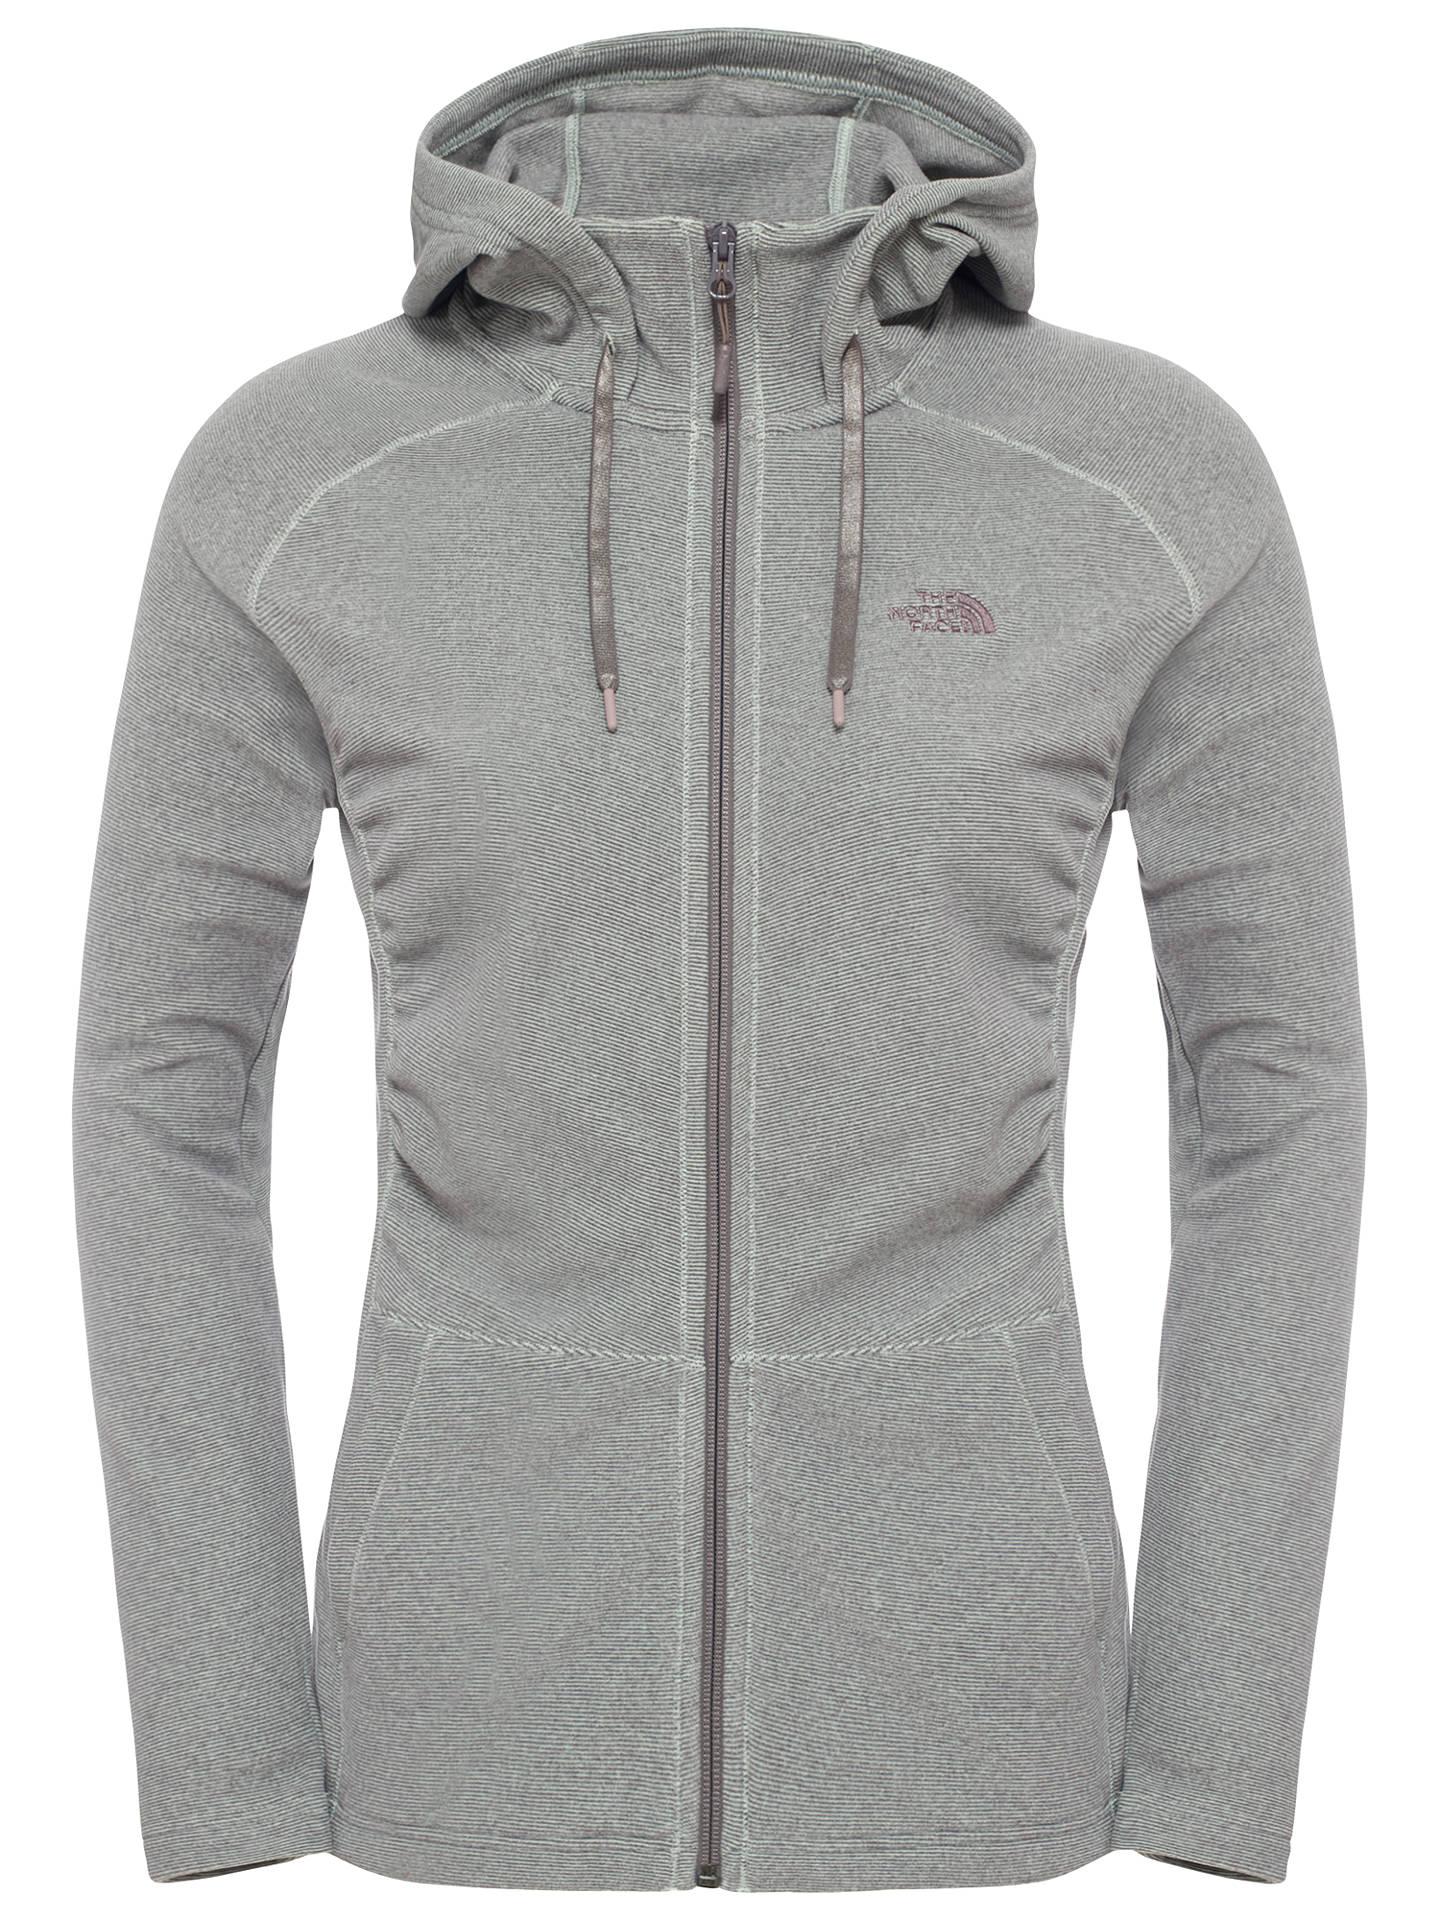 40859d5097 Buy The North Face Mezzaluna Women's Fleece, Green, S Online at johnlewis.  ...